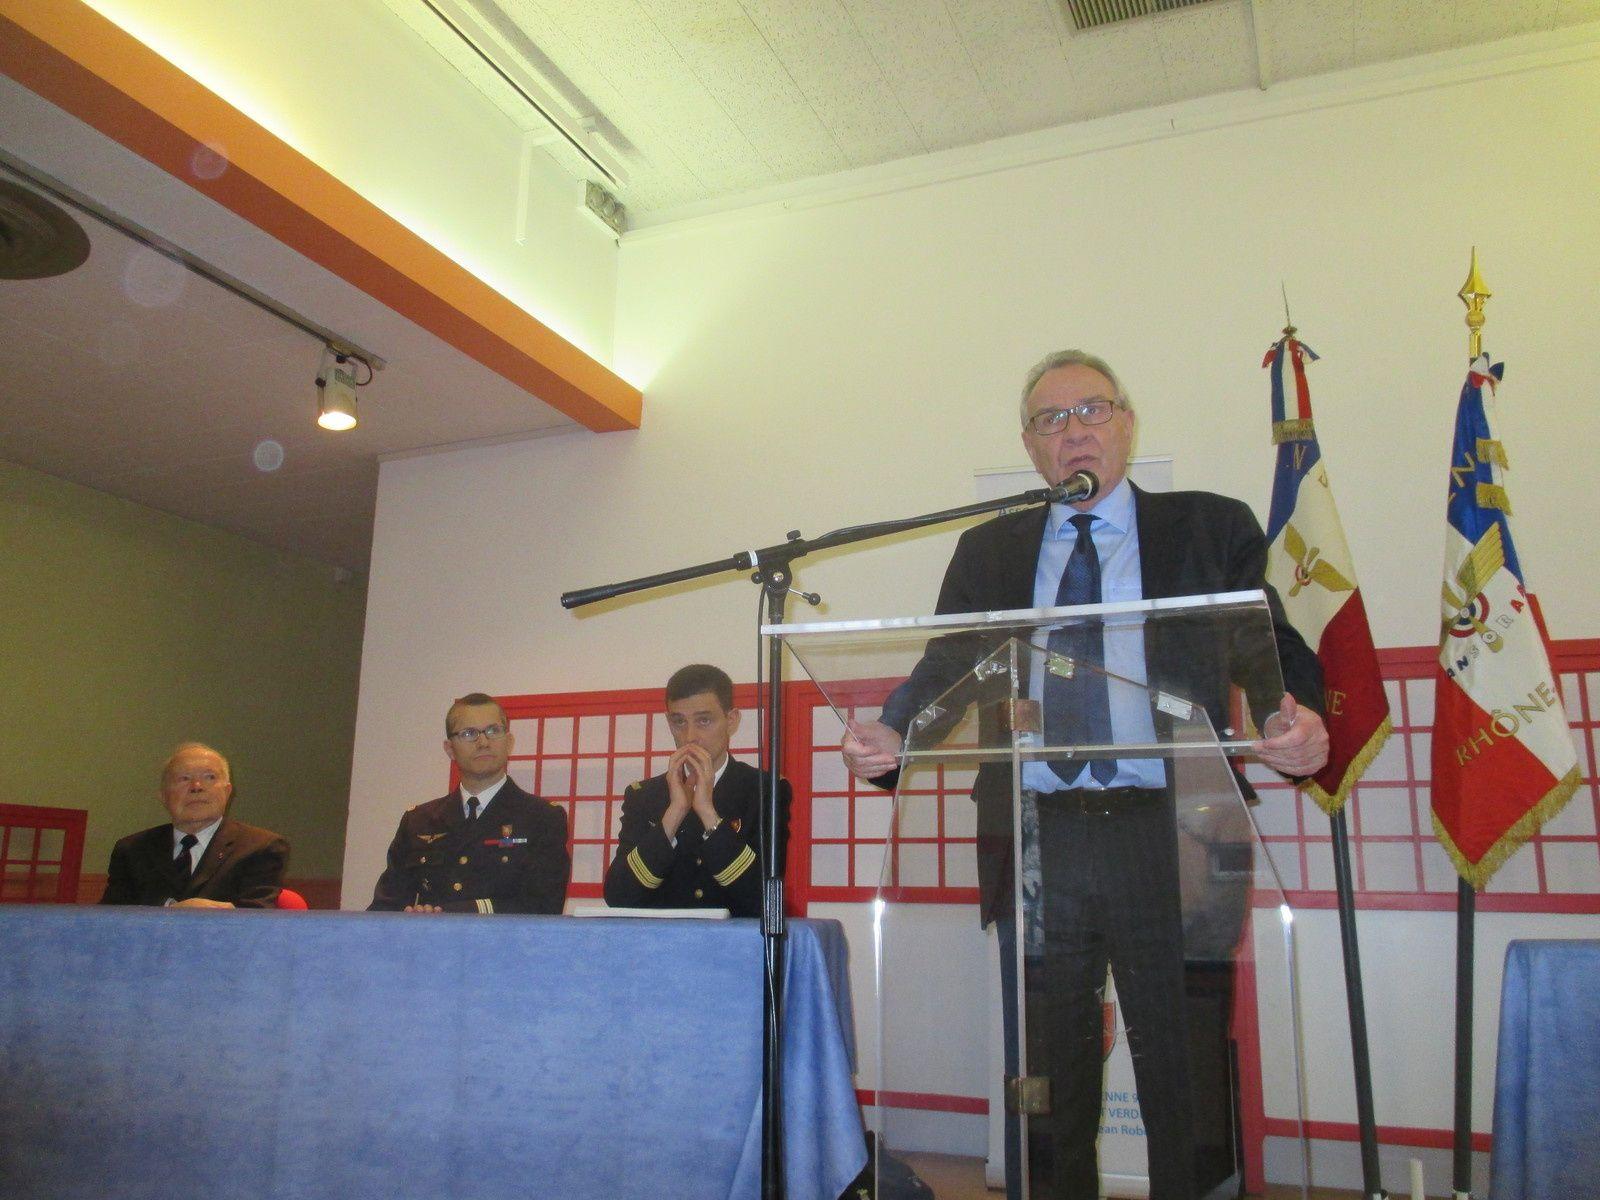 Monsieur Michel TERROT Député du Rhône